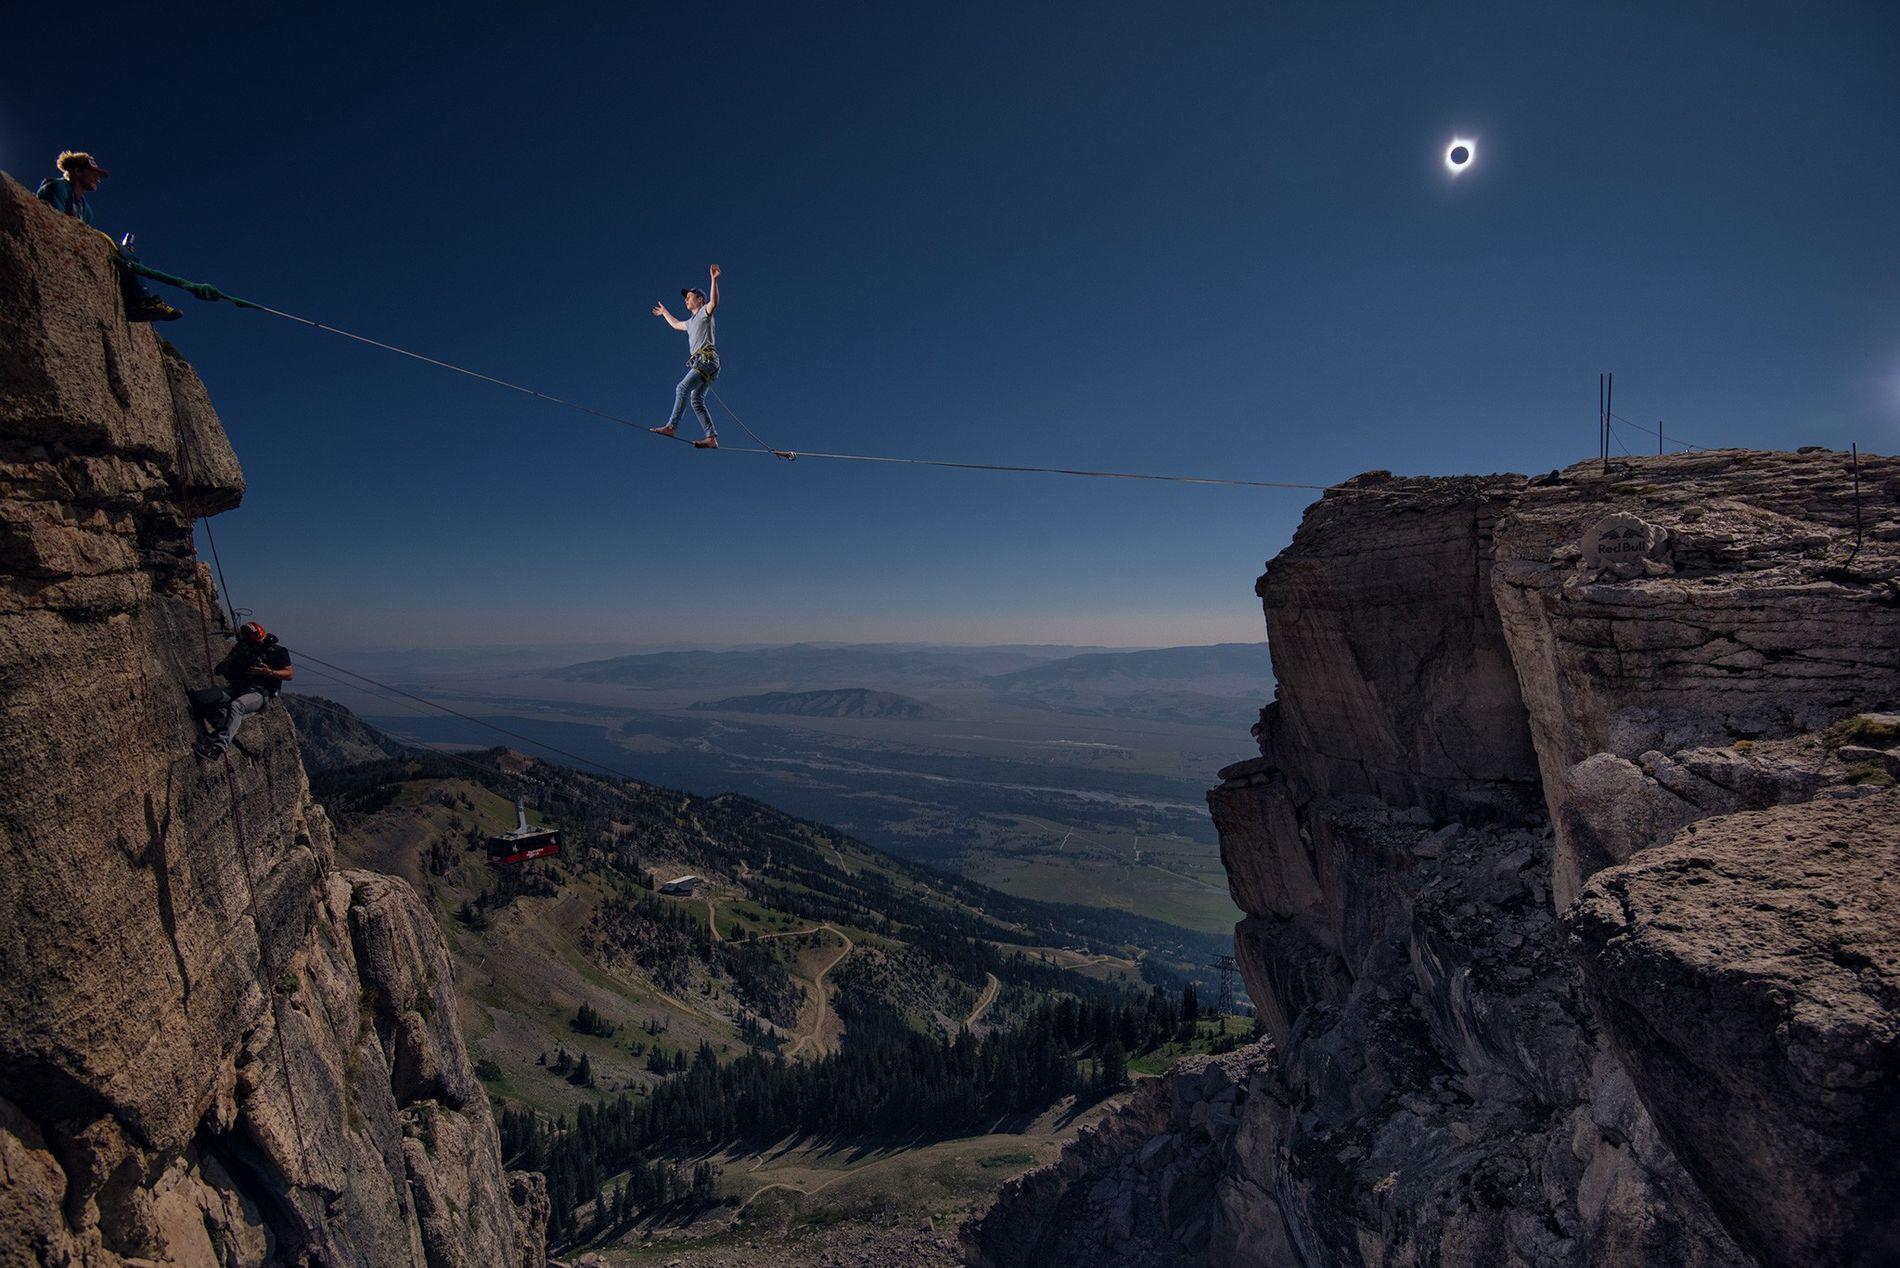 Le funambule de l'éclipse solaire : l'histoire d'un cliché exceptionnel